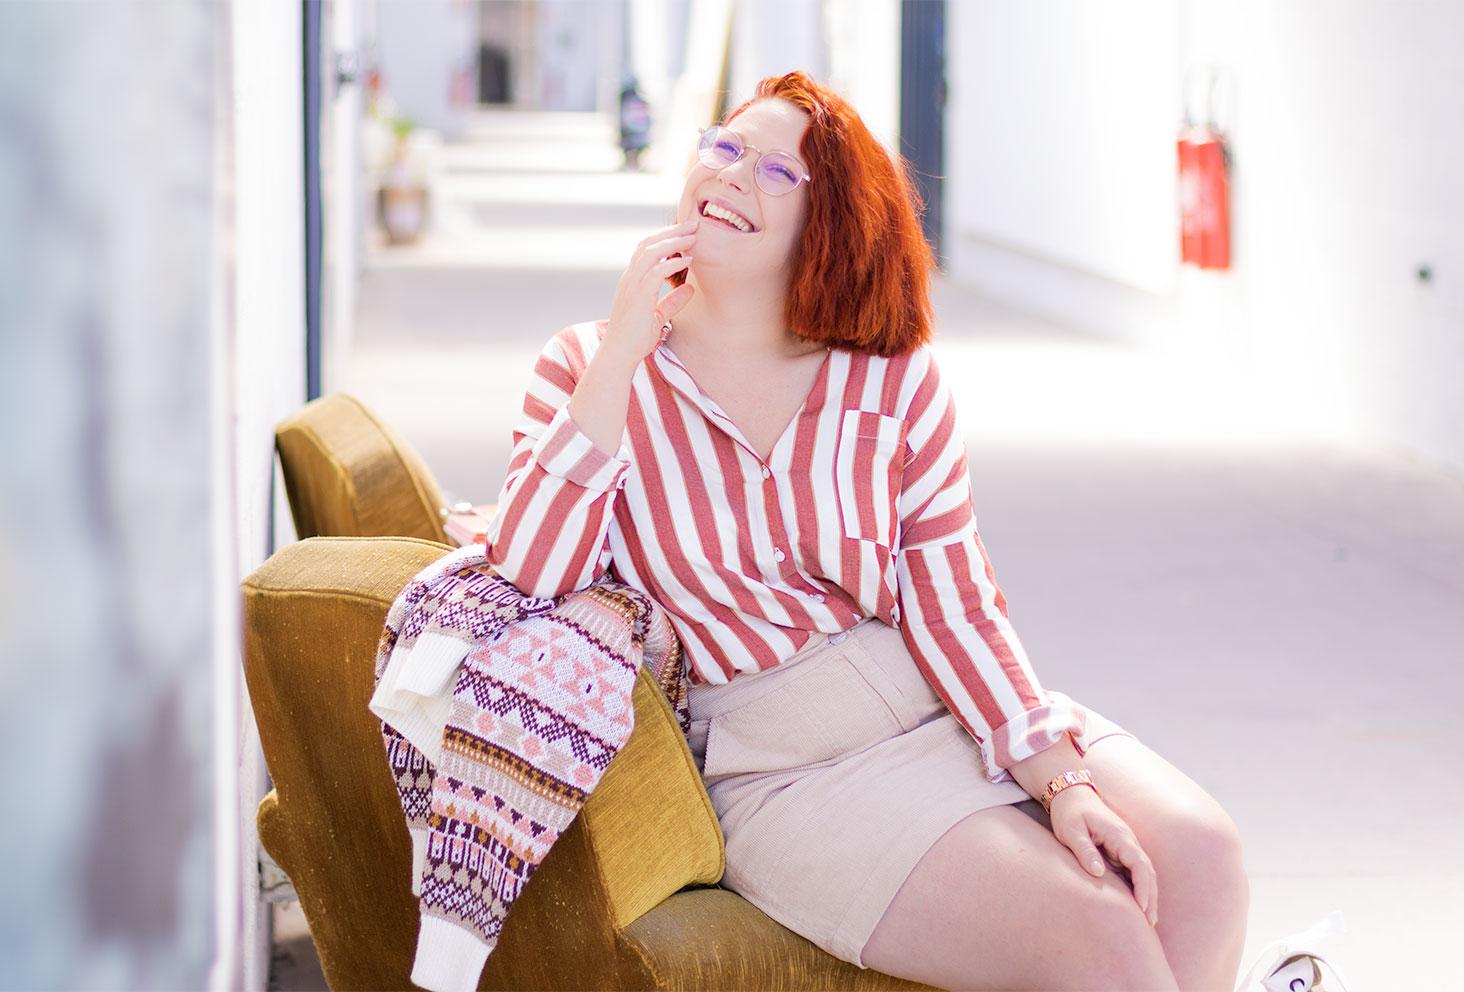 Assise sur un fauteuil vintage jaune, avec le sourire au milieu d'un couloir industriel, en chemise à rayures roses et blanches